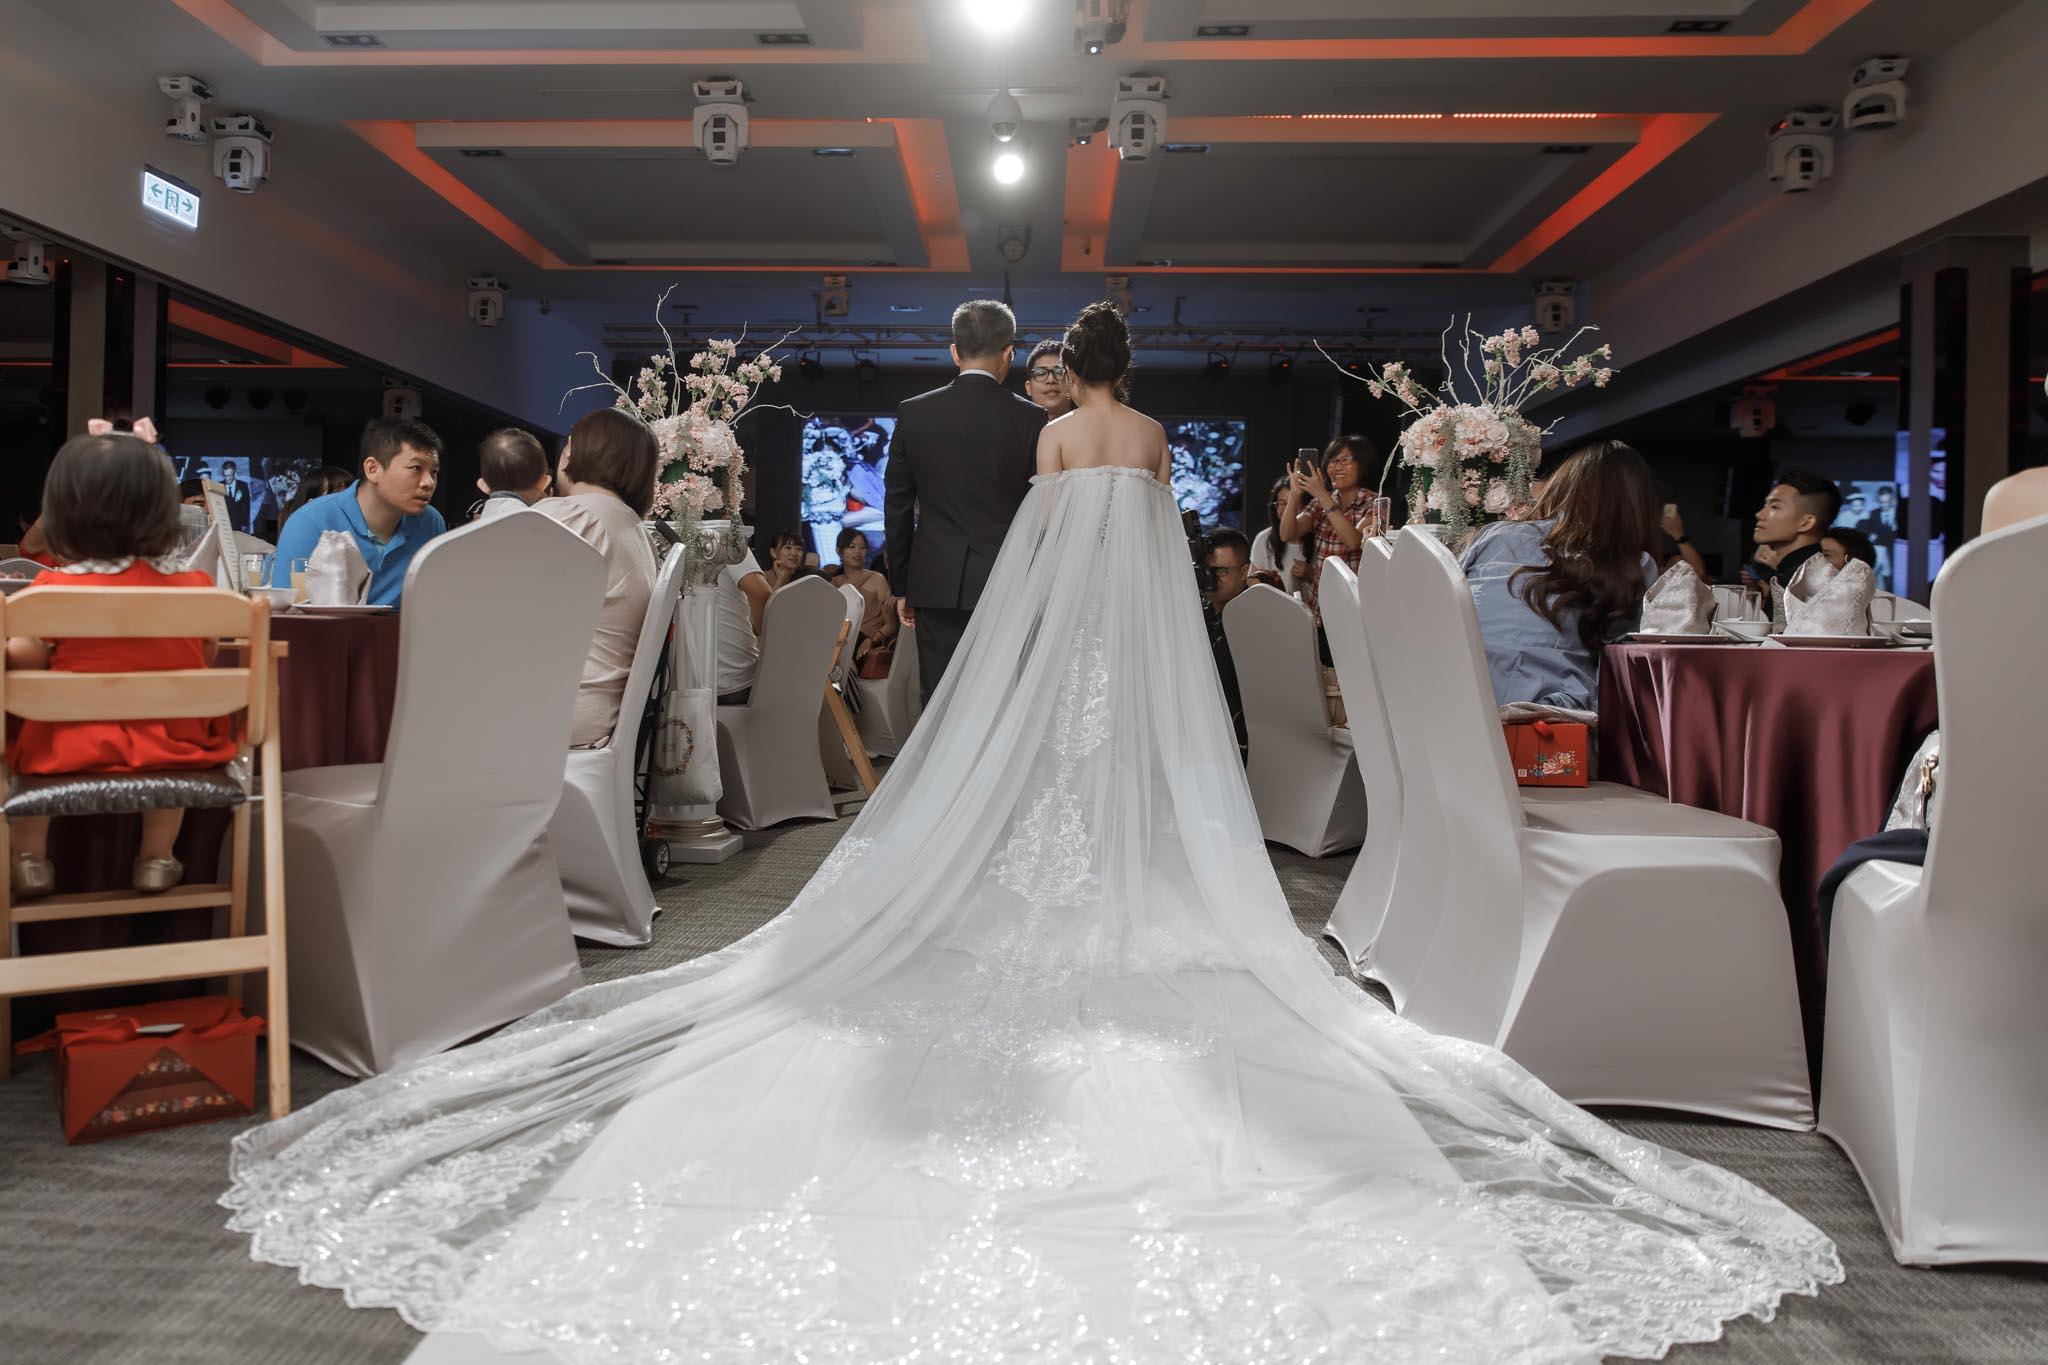 結婚流程,迎娶流程,結婚儀式,迎娶儀式,婚禮儀式流程